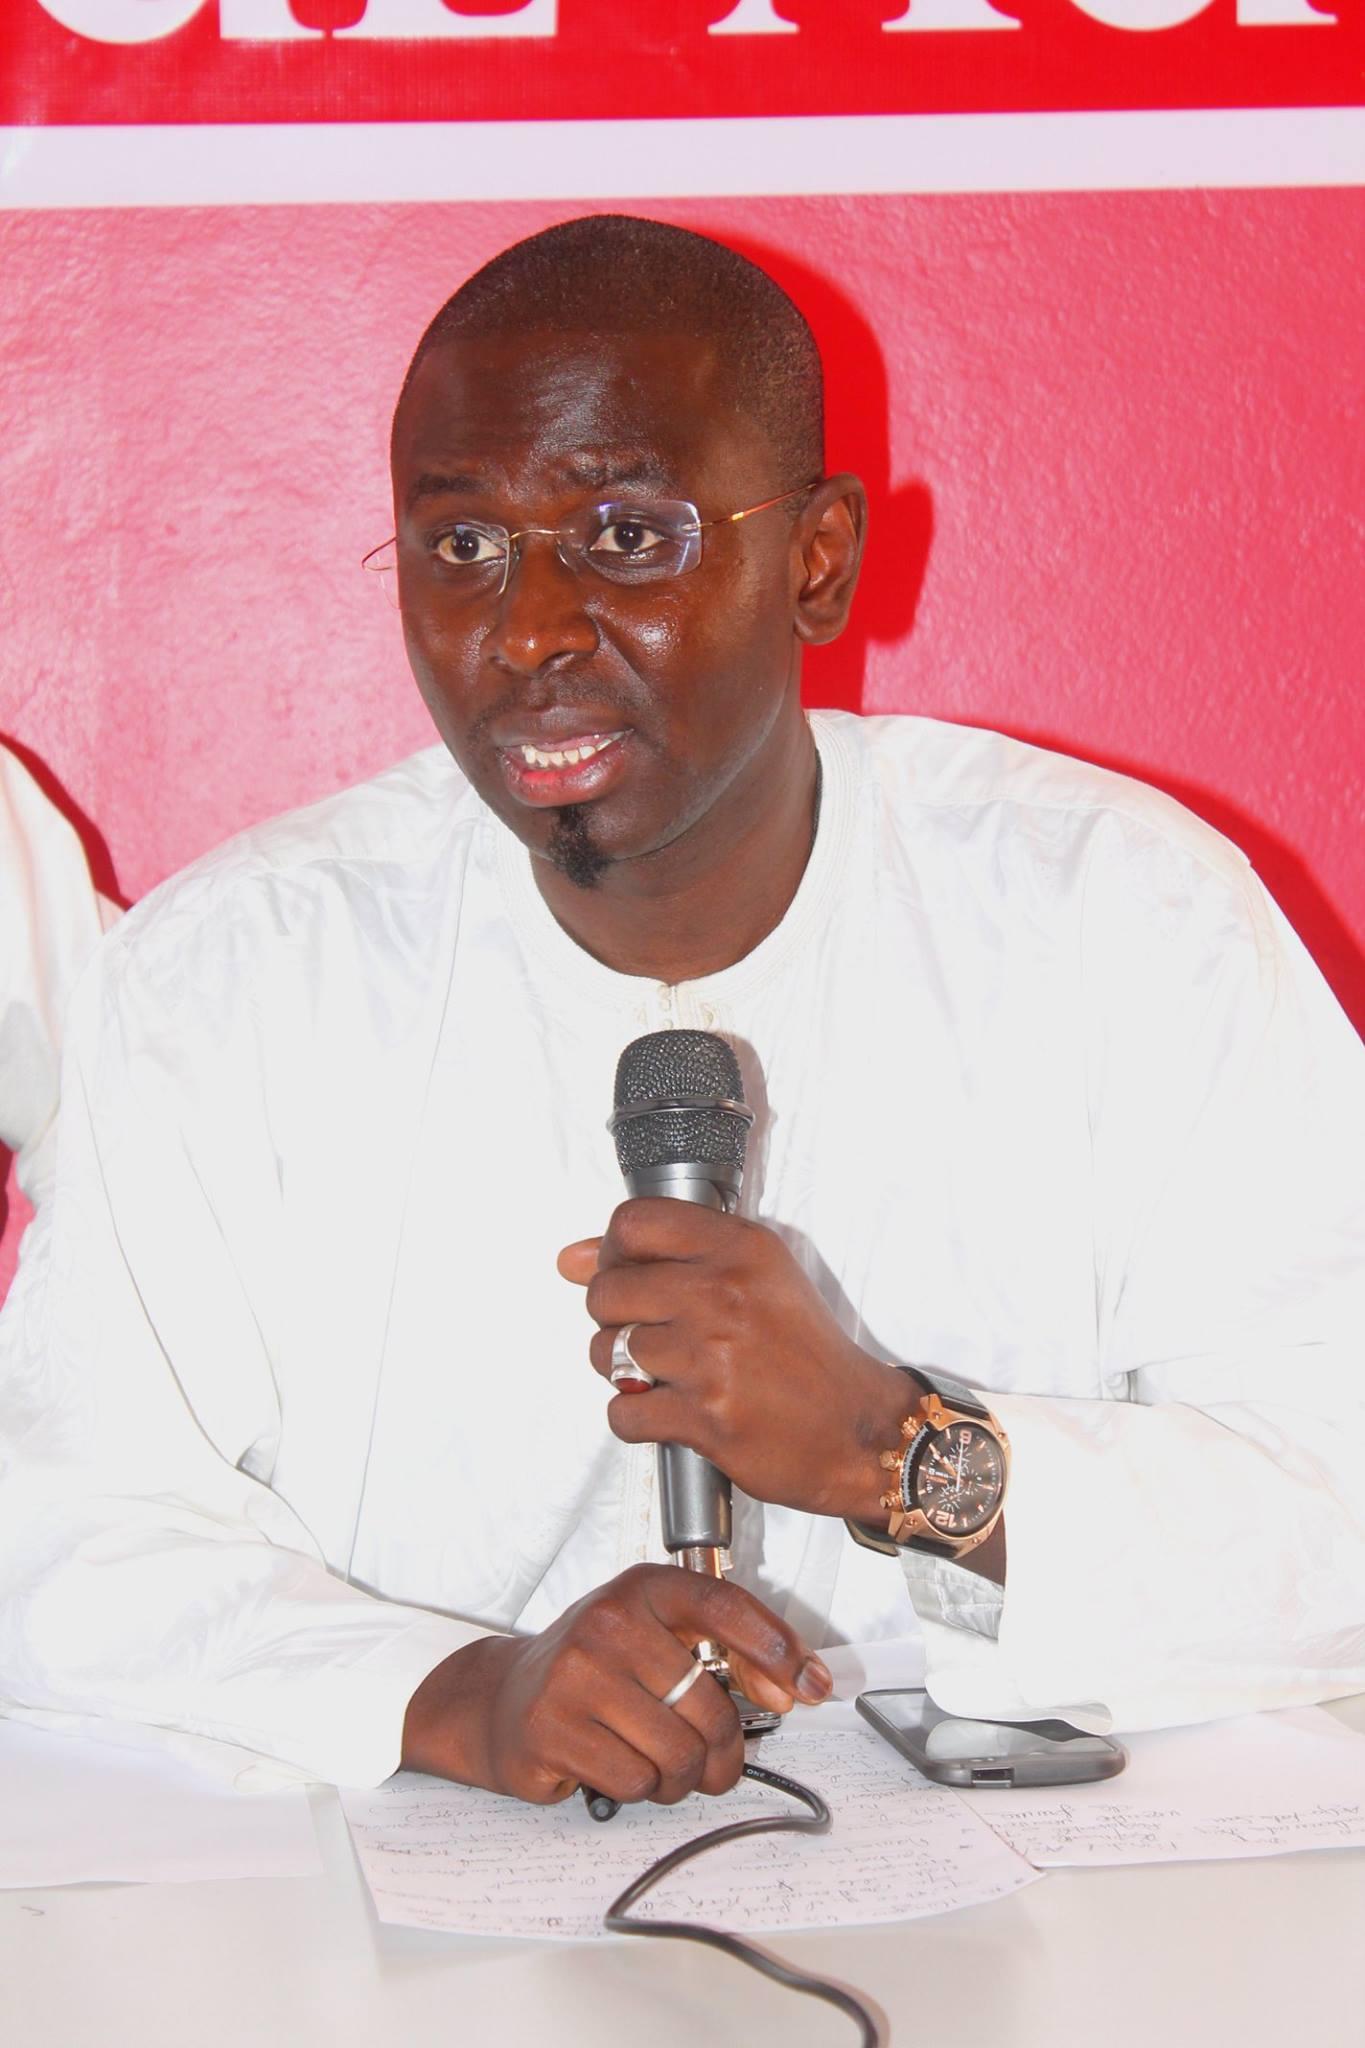 El Hadji Daniel So, Dcmc DDD : « Avec le Pse, le Président Macky Sall va révolutionner l'agriculture, propulser l'éducation, démocratiser la santé »